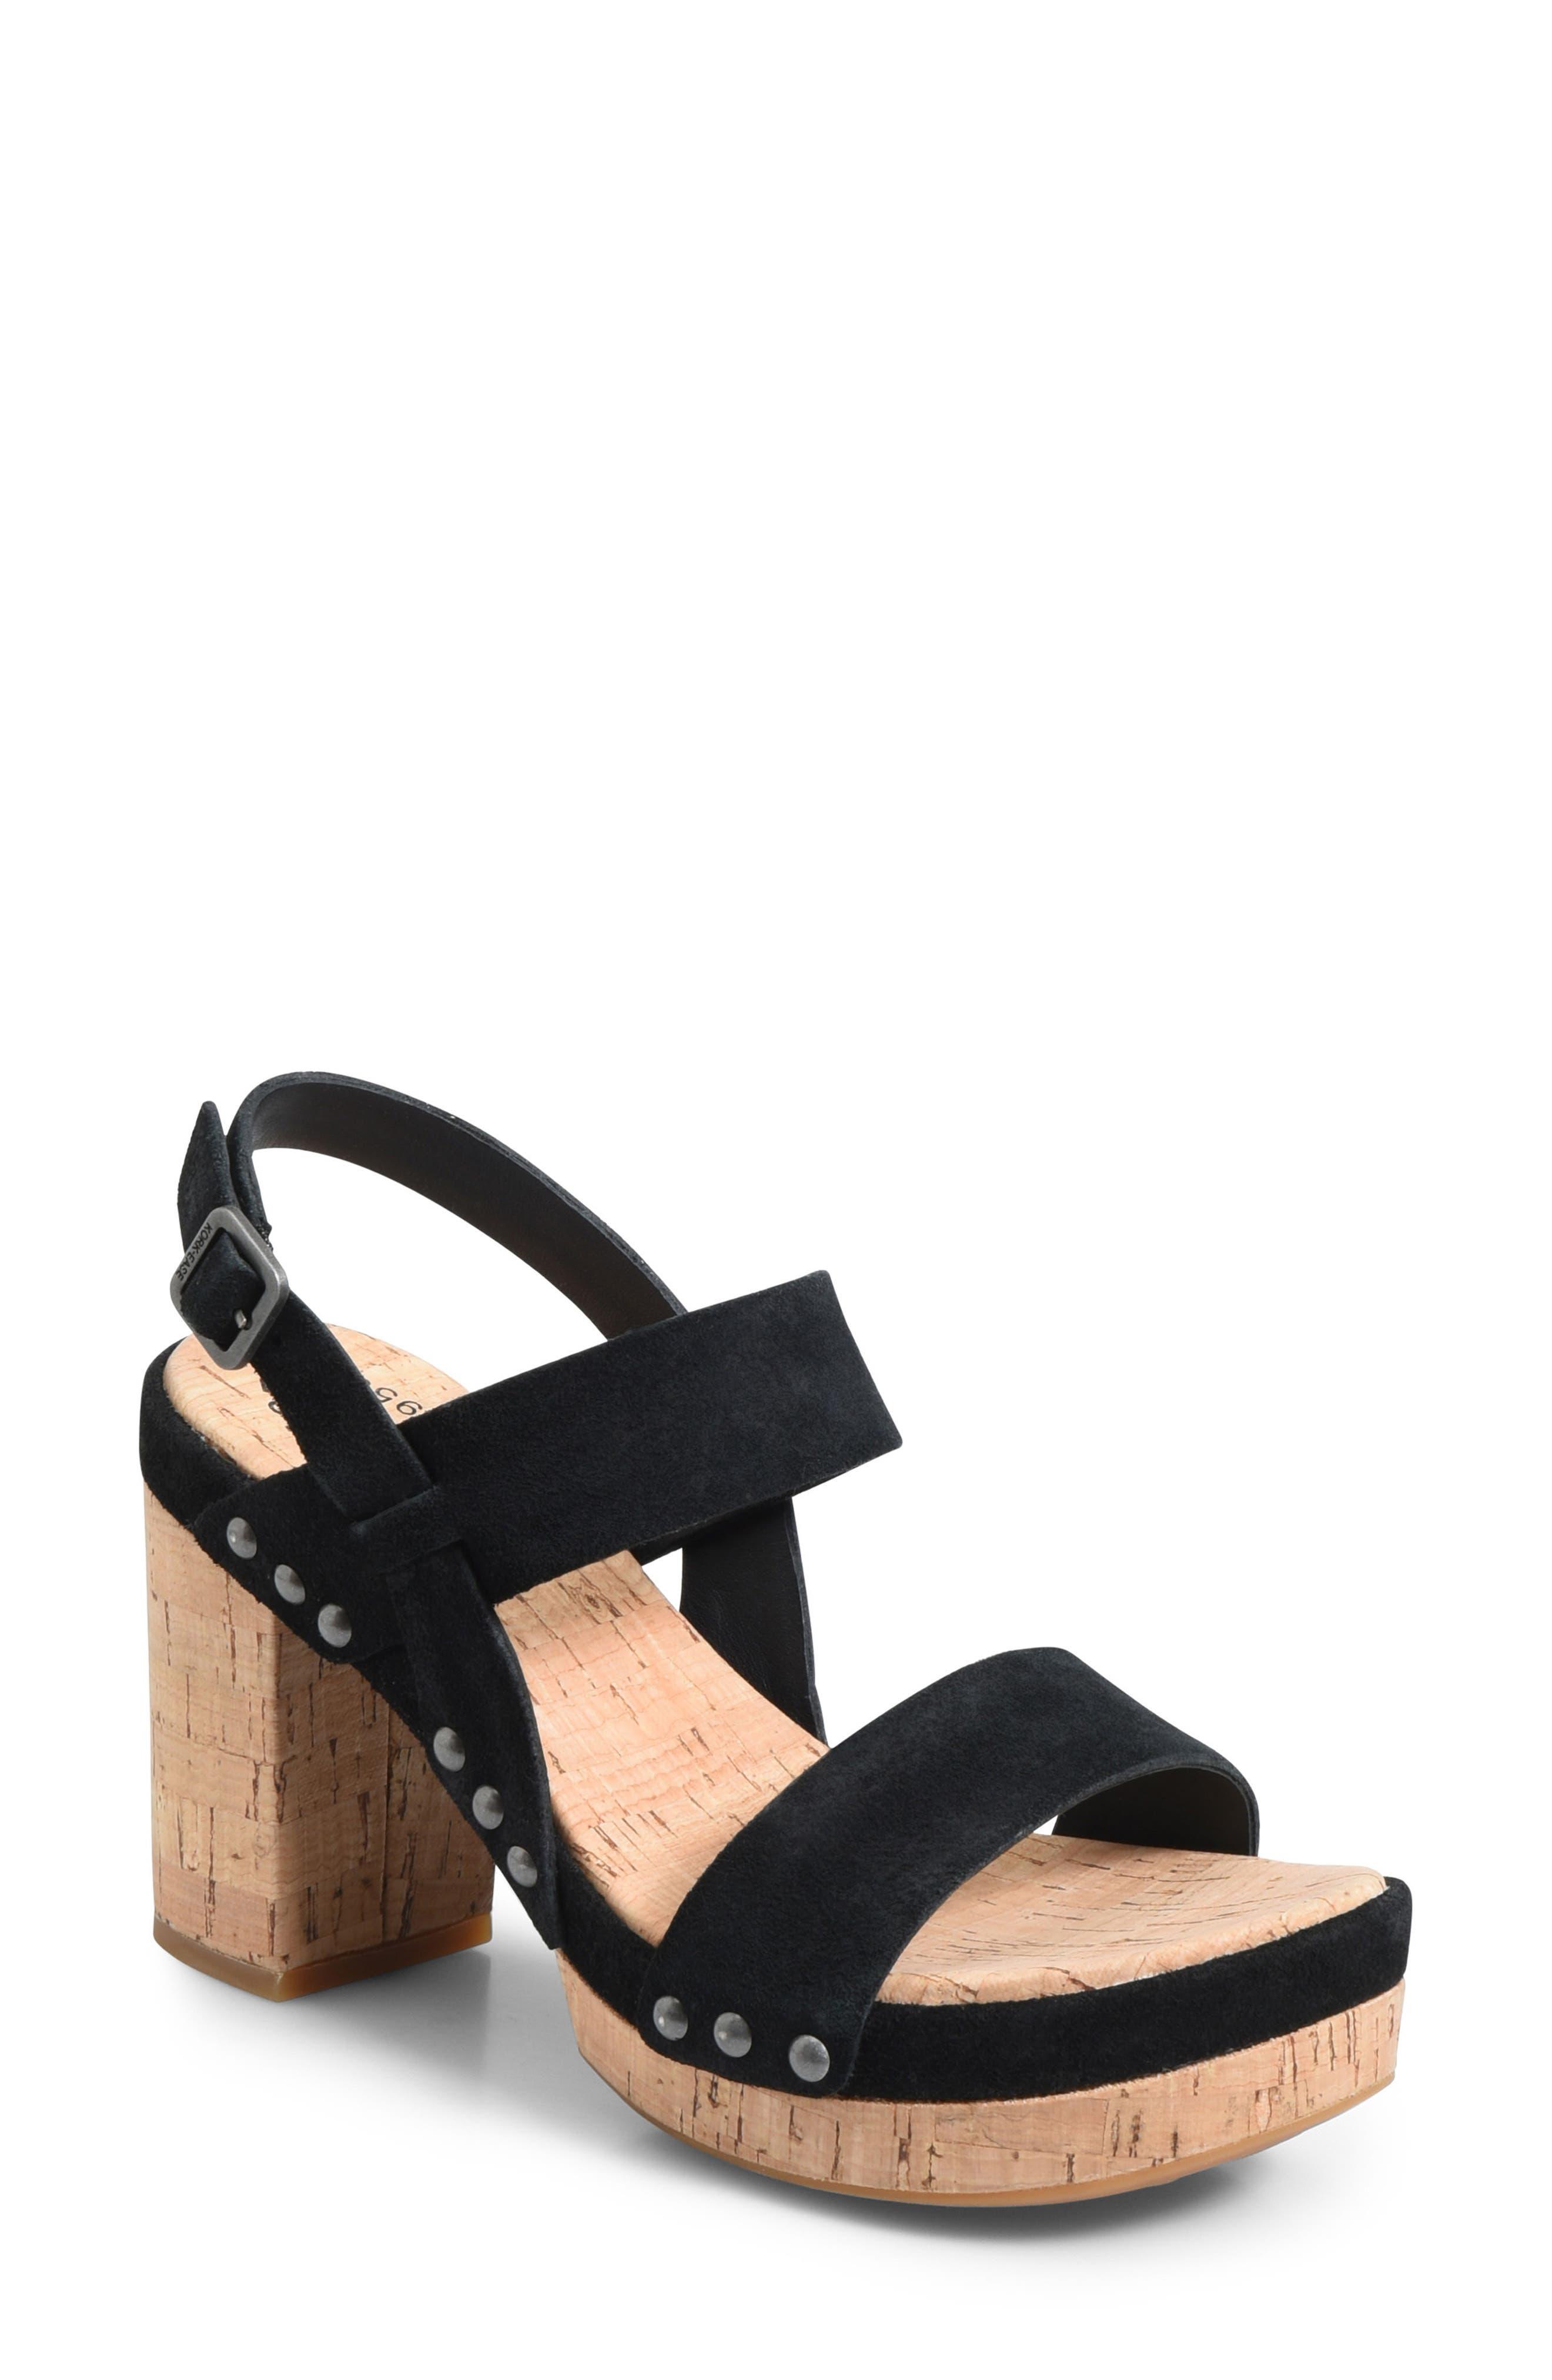 Palmdale Platform Sandal,                             Main thumbnail 1, color,                             Black Suede